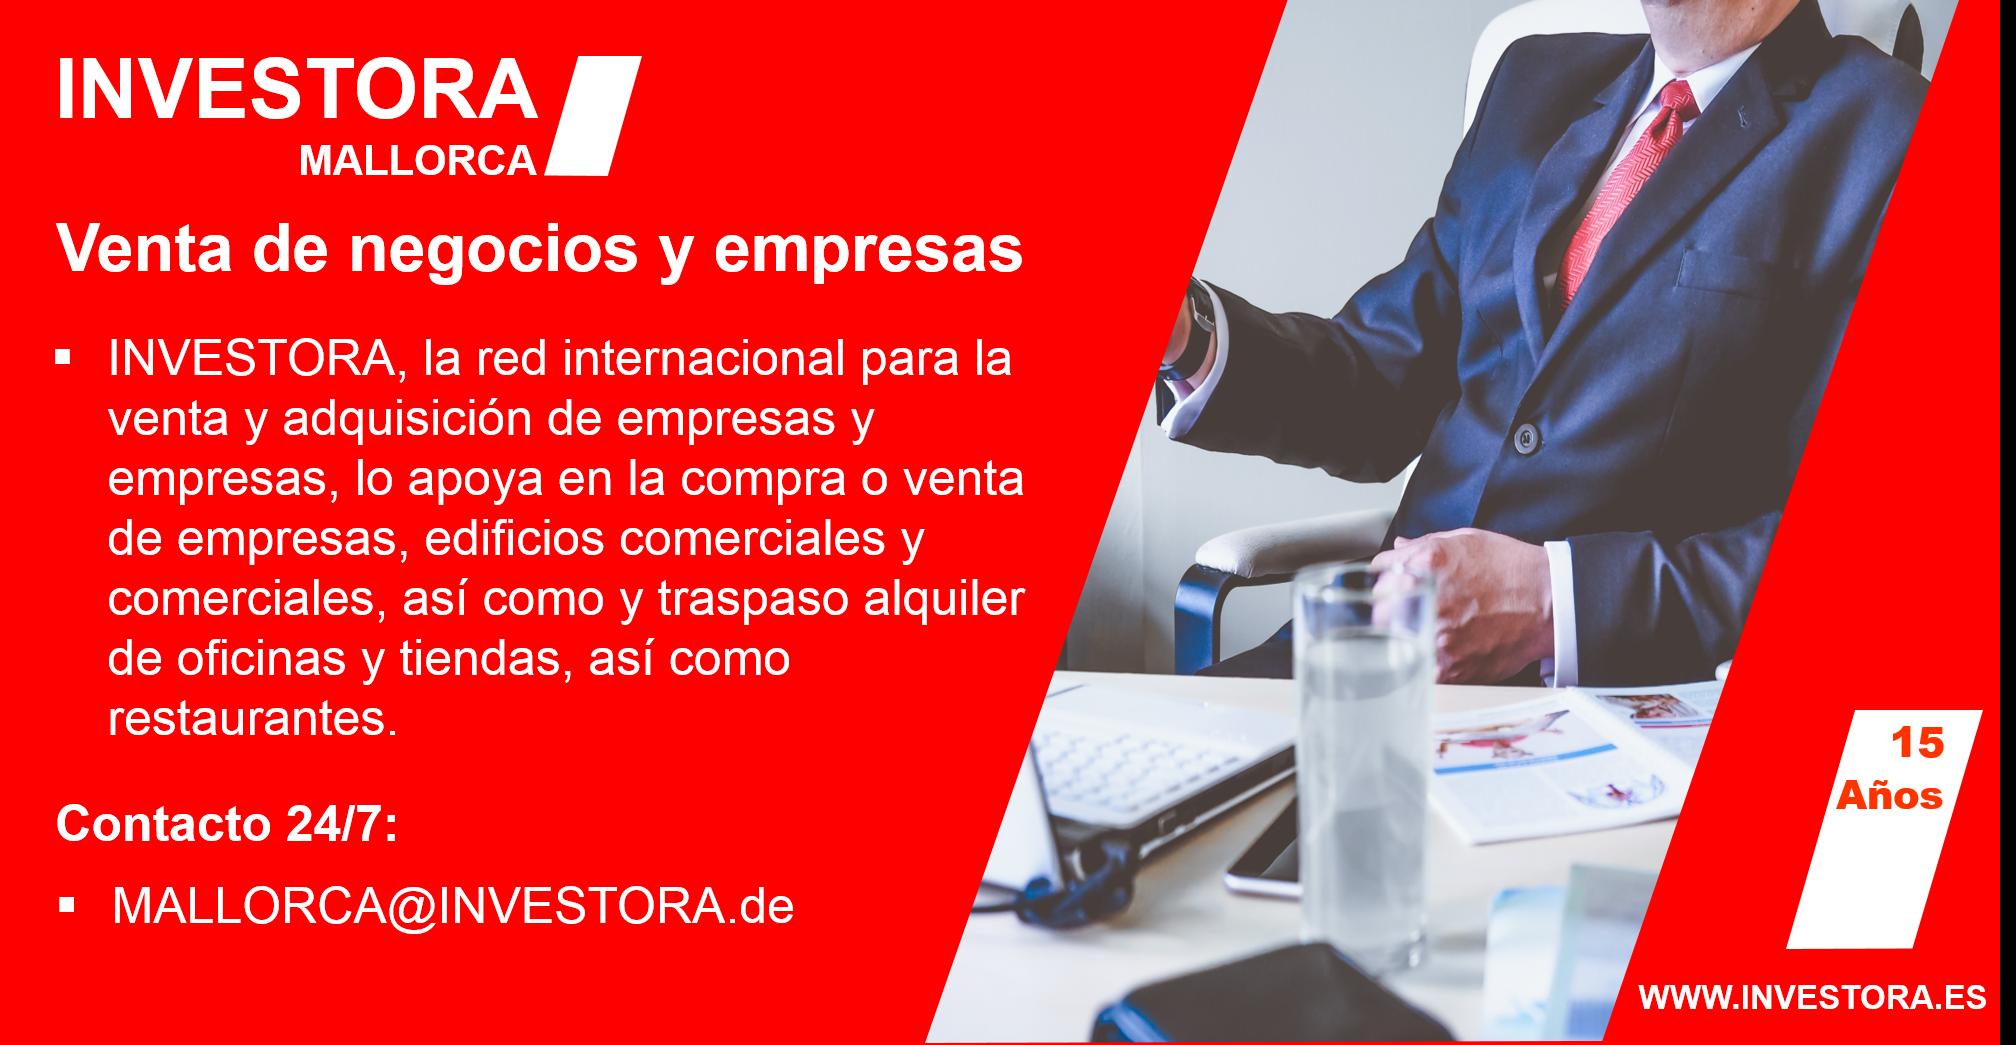 INVESTORA MALLORCA Experto Venta de negocios y empresas